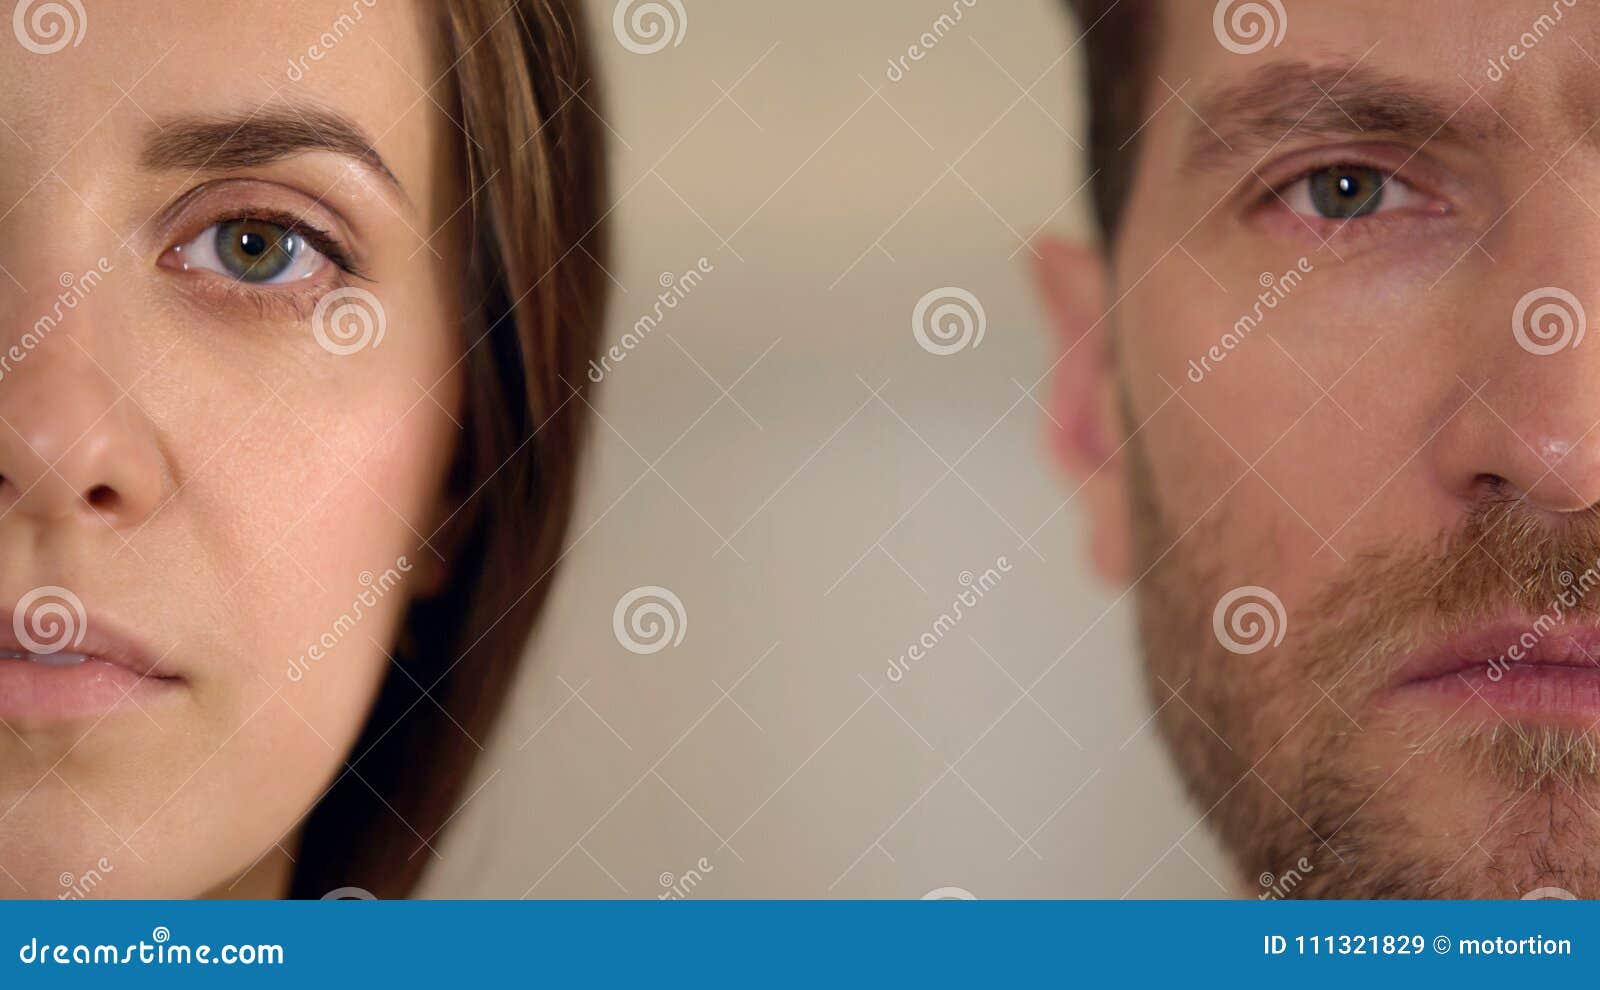 Męska i żeńska przyrodnia twarz patrzeje w kamerę, równouprawnienie płci, badanie opinii publicznej